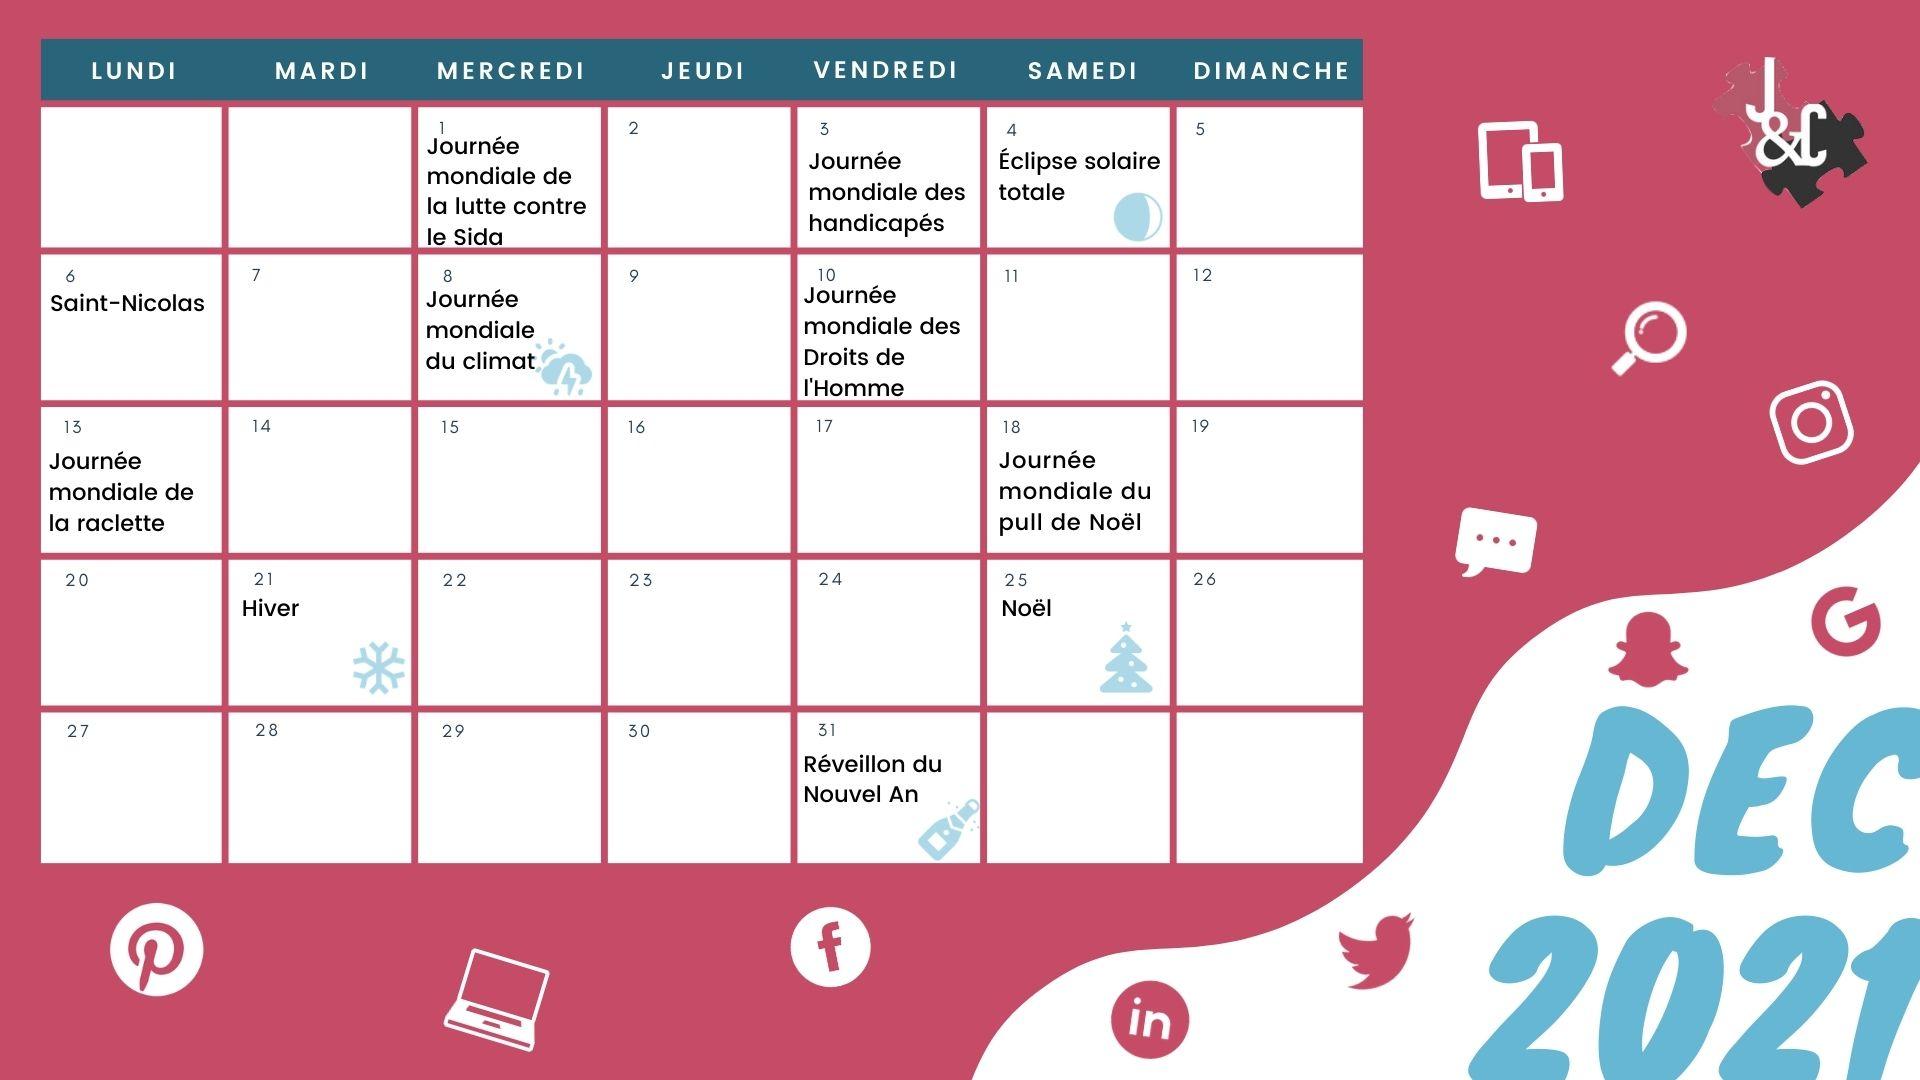 Retrouvez tous les événements clés du mois de décembre grâce à votre calendrier marronnier décembre 2021 !